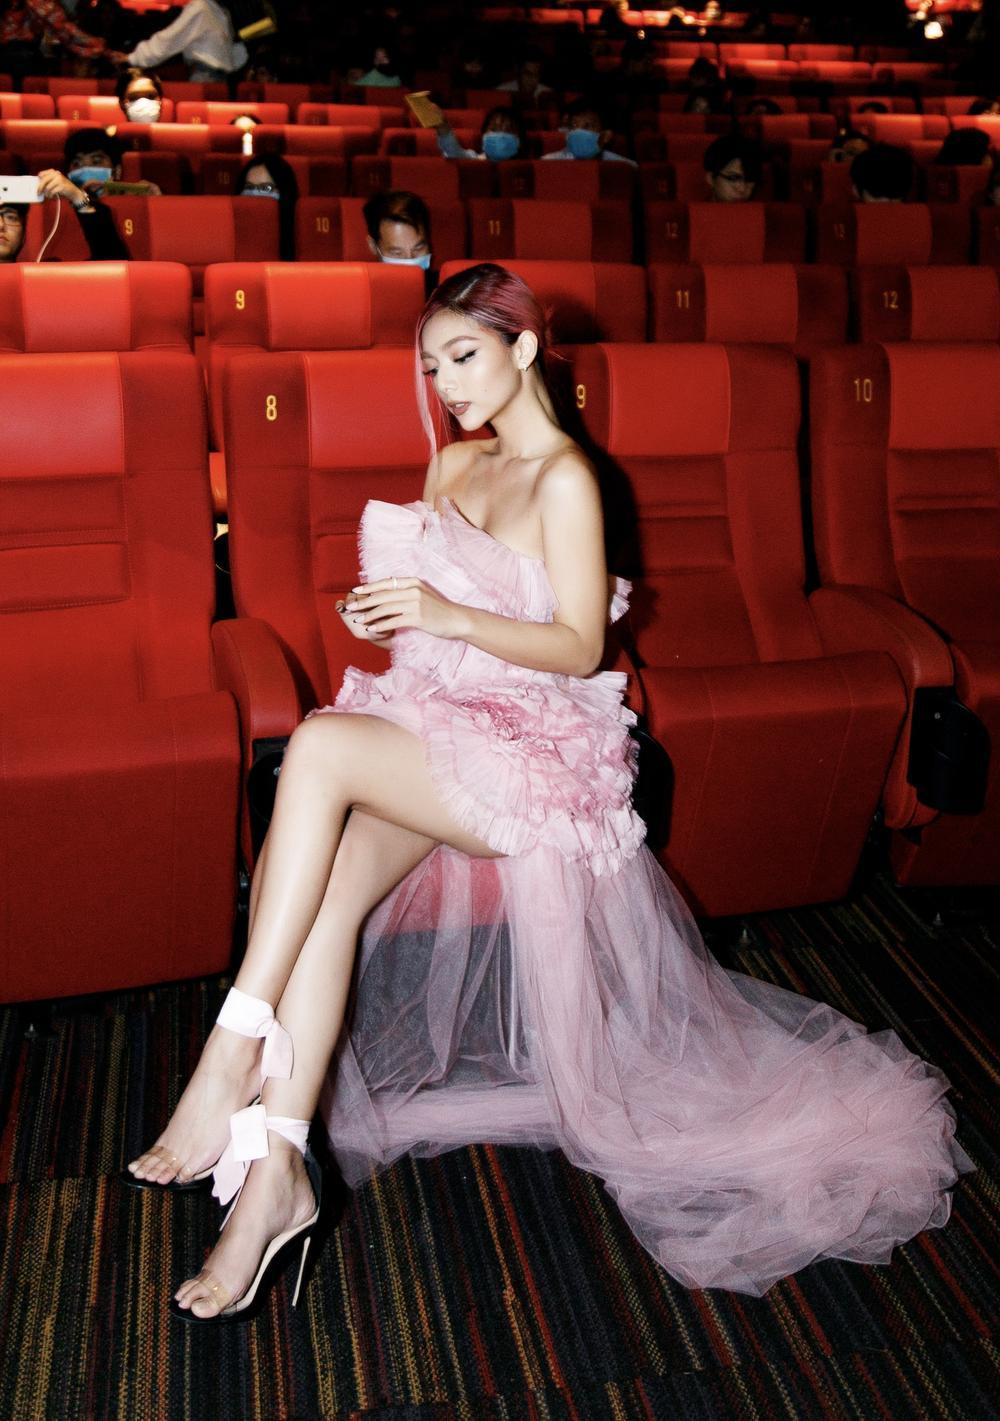 Không chỉ nhan sắc cực phẩm, Katleen Phan Võ còn sở hữu gu ăn diện thảm đỏ 'bén lẹm' Ảnh 8